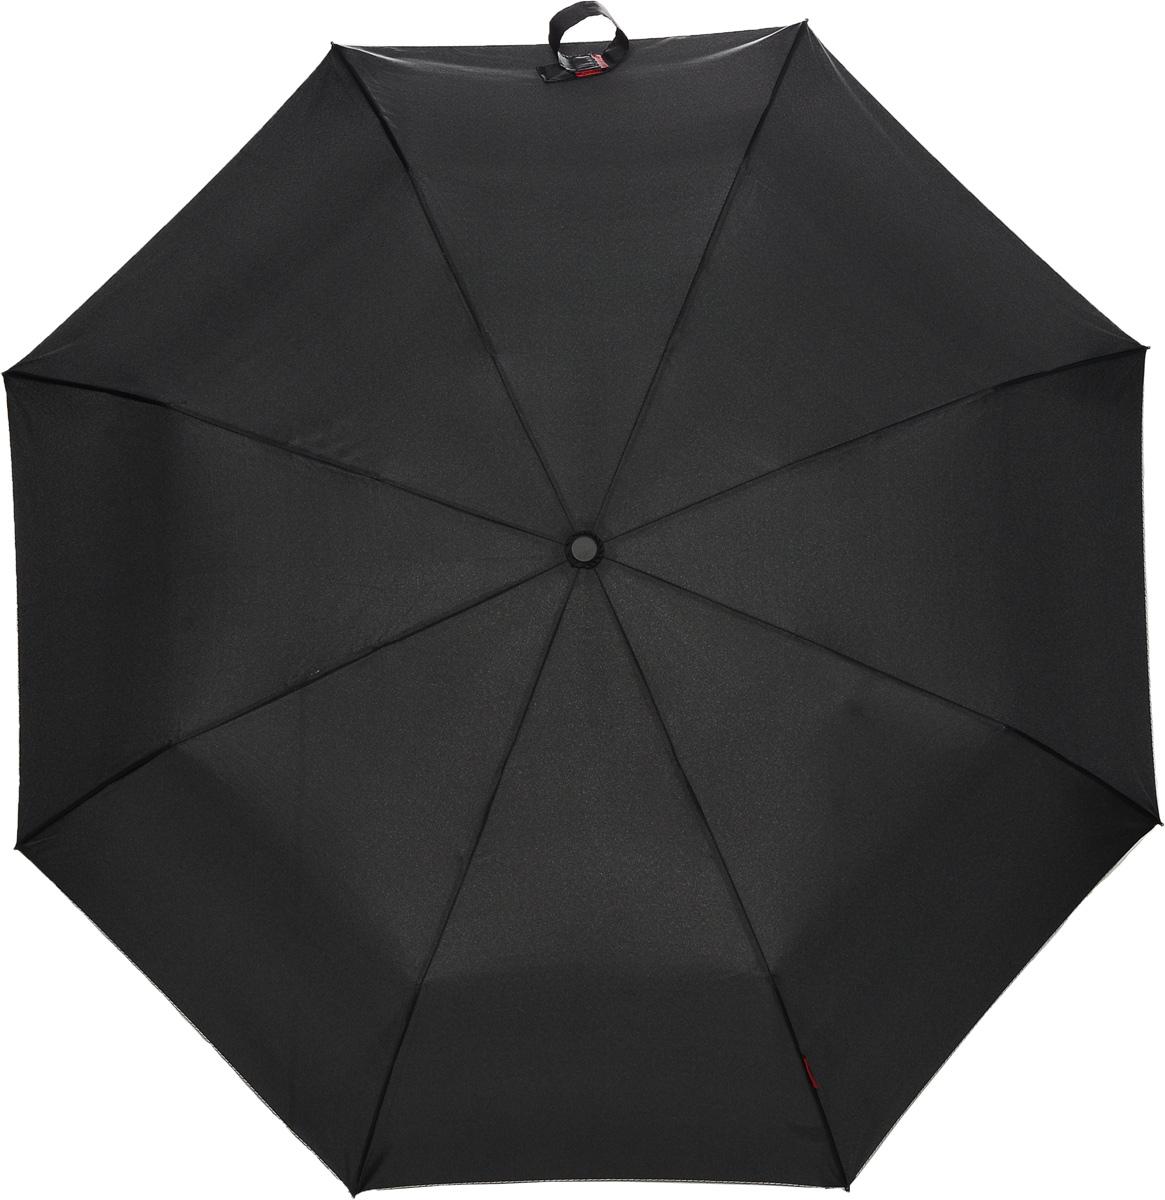 Bisetti 3212-1 Зонт полный автом. 3 сл. муж.Колье (короткие одноярусные бусы)Зонт испанского производителя Clima. В производстве зонтов используются современные материалы, что делает зонты легкими, но в то же время крепкими.Полный автомат, 3 сложения, 8 спиц по 55см, полиэстер.